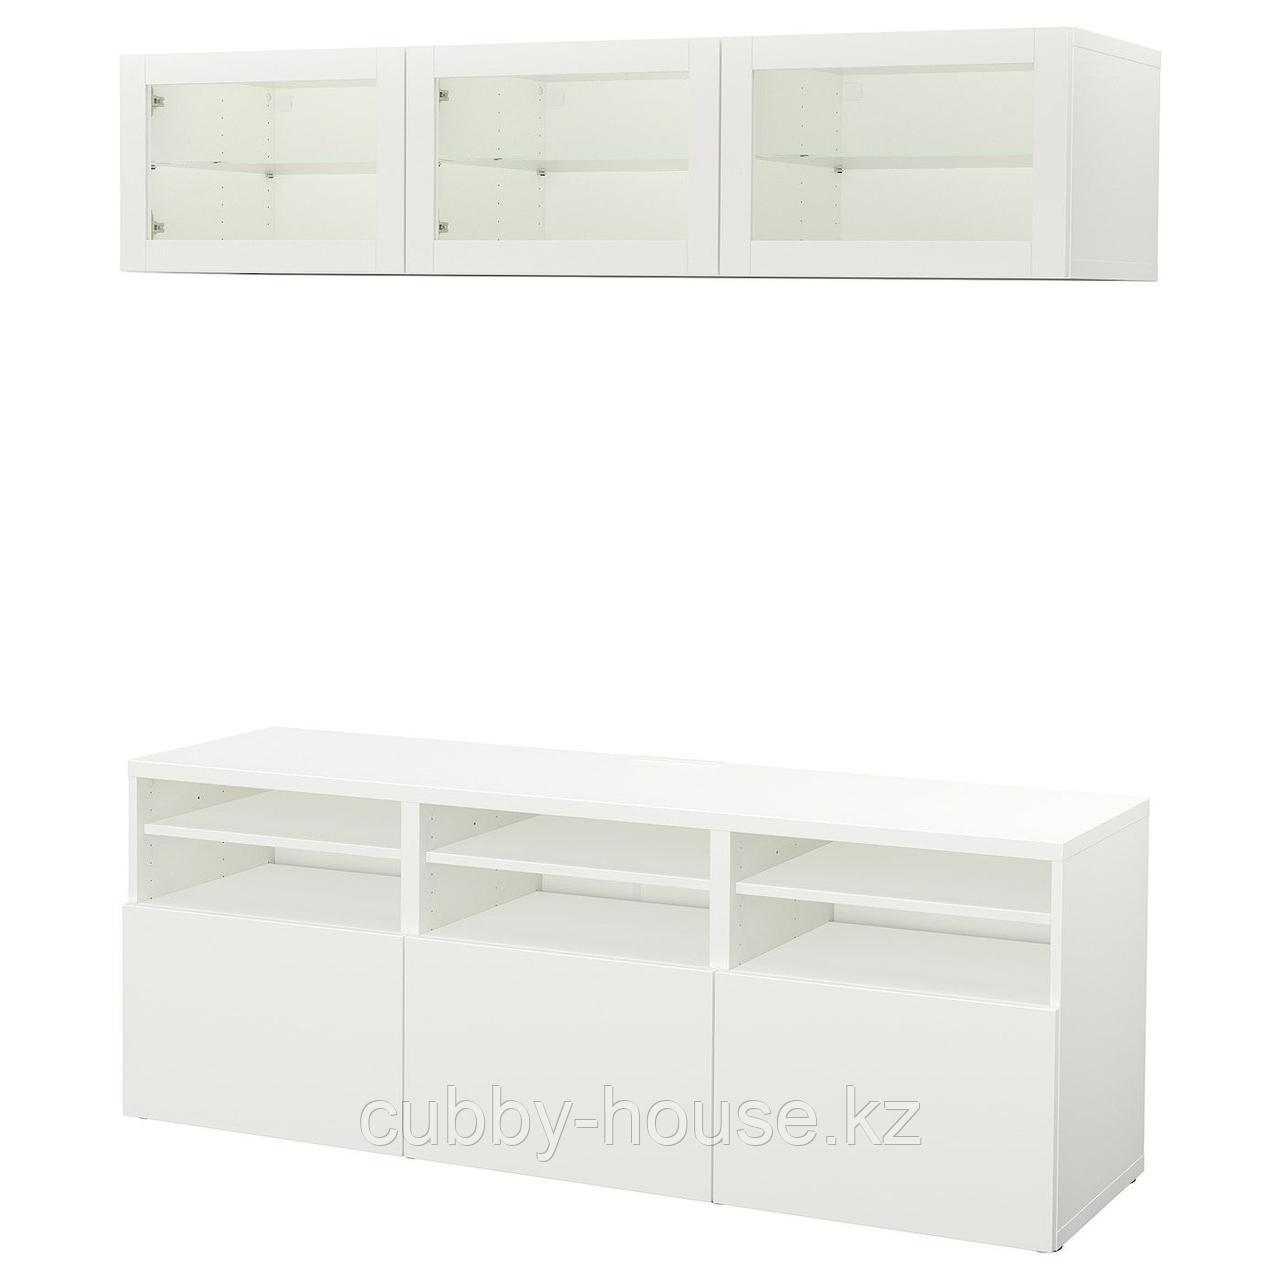 БЕСТО Шкаф для ТВ, комбин/стеклян дверцы, белый, Сельсвикен глянцевый/белый прозрачное стекло, 180x40x192 см